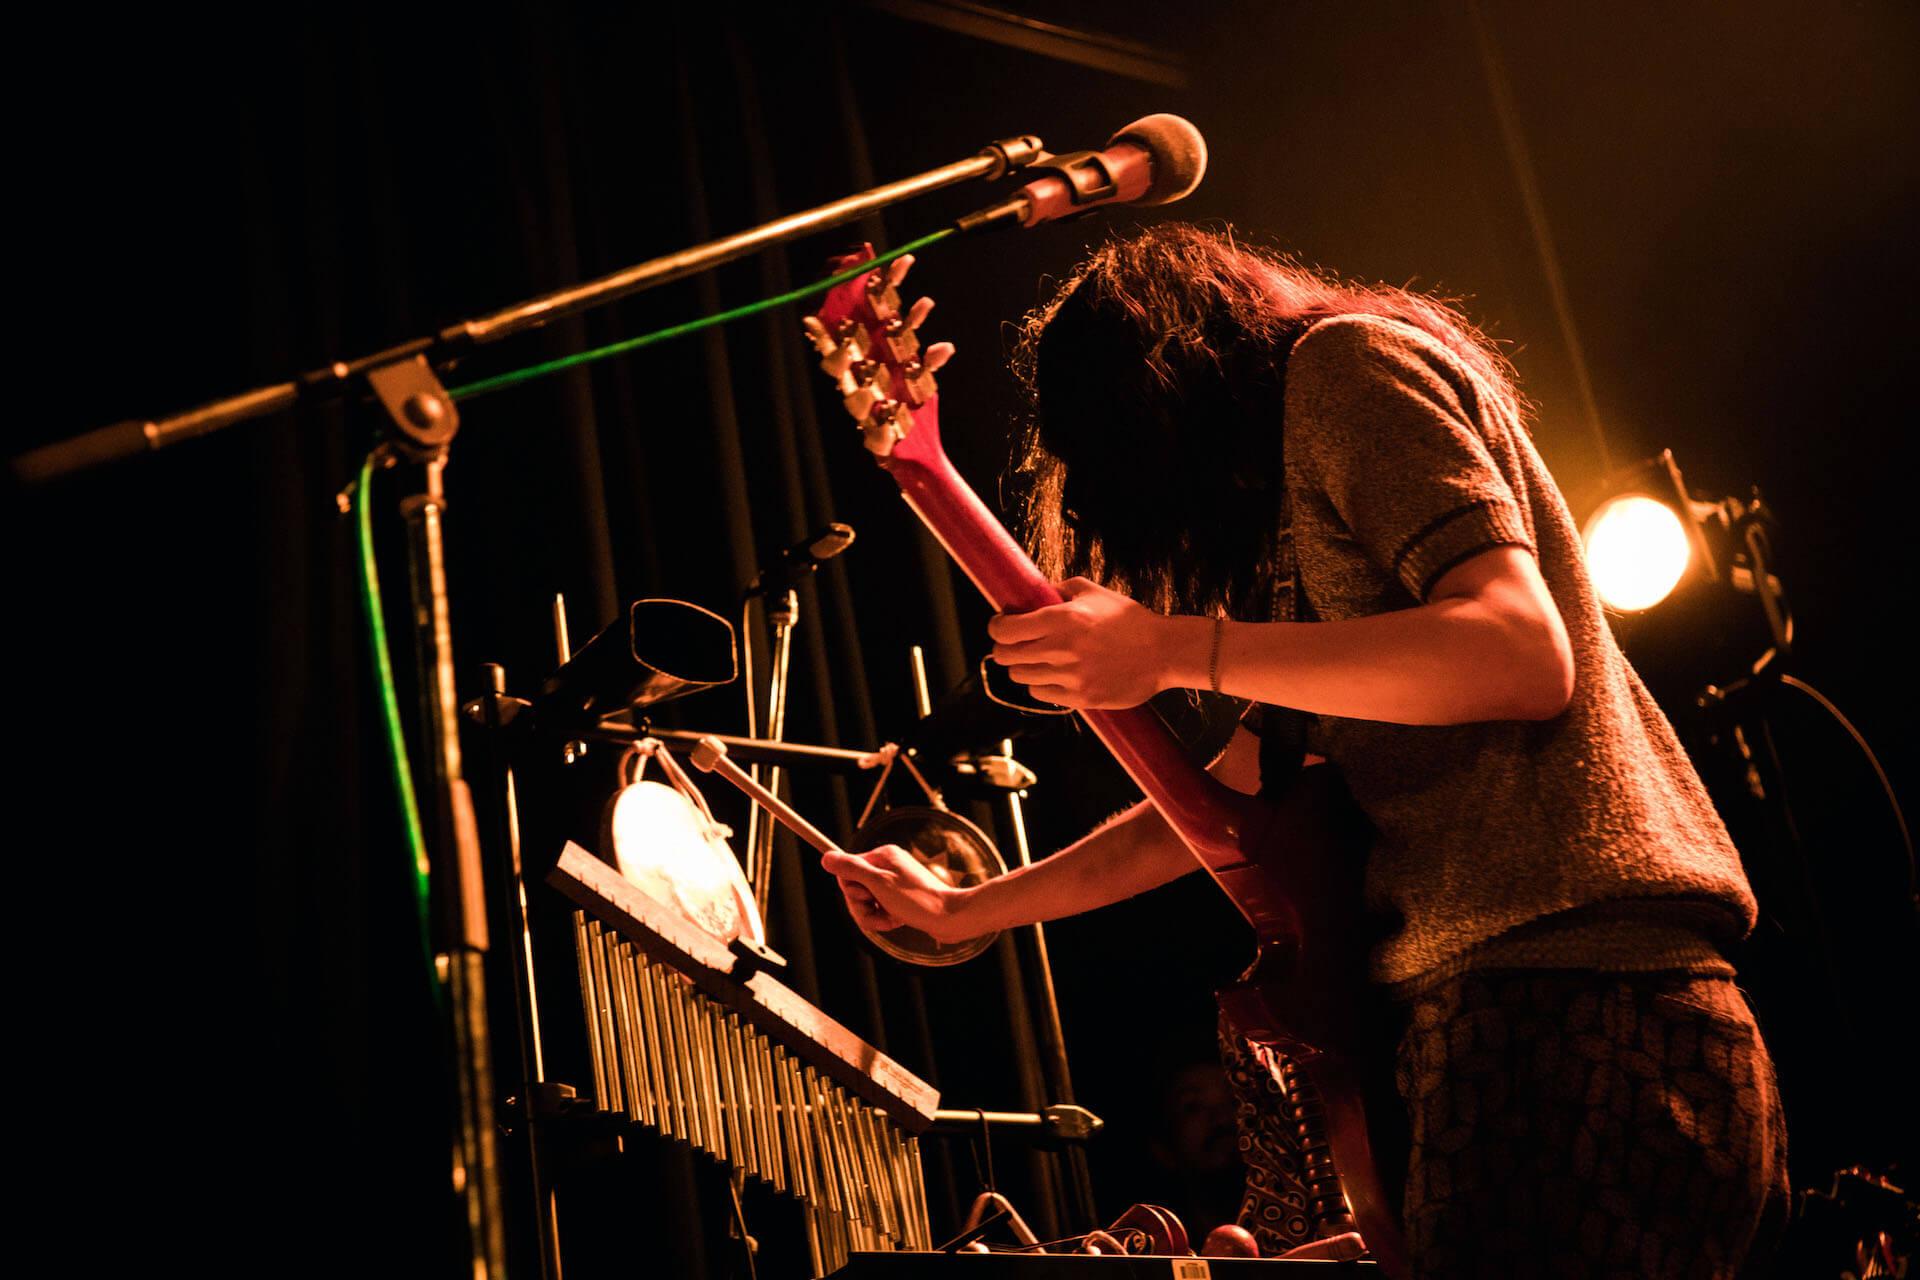 世界を旅するバンドが魅せるサイケデリアのまどろみ 幾何学模様 × OGRE YOU ASSHOLE ライブレポート music191103-kikagakumoyo-ogreyouasshole-8-1